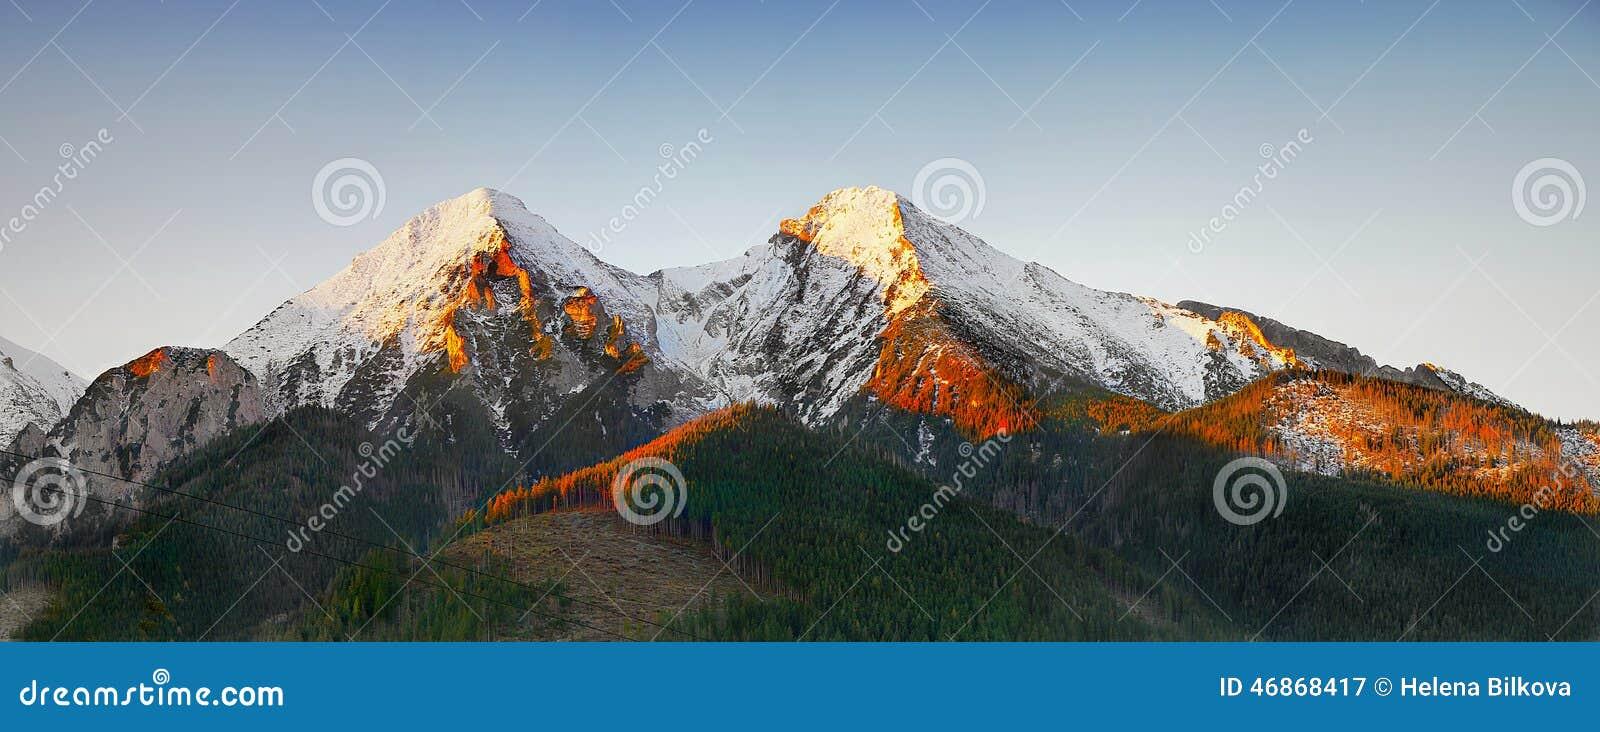 Paysage scénique de montagnes, lever de soleil, Autumn Landscape